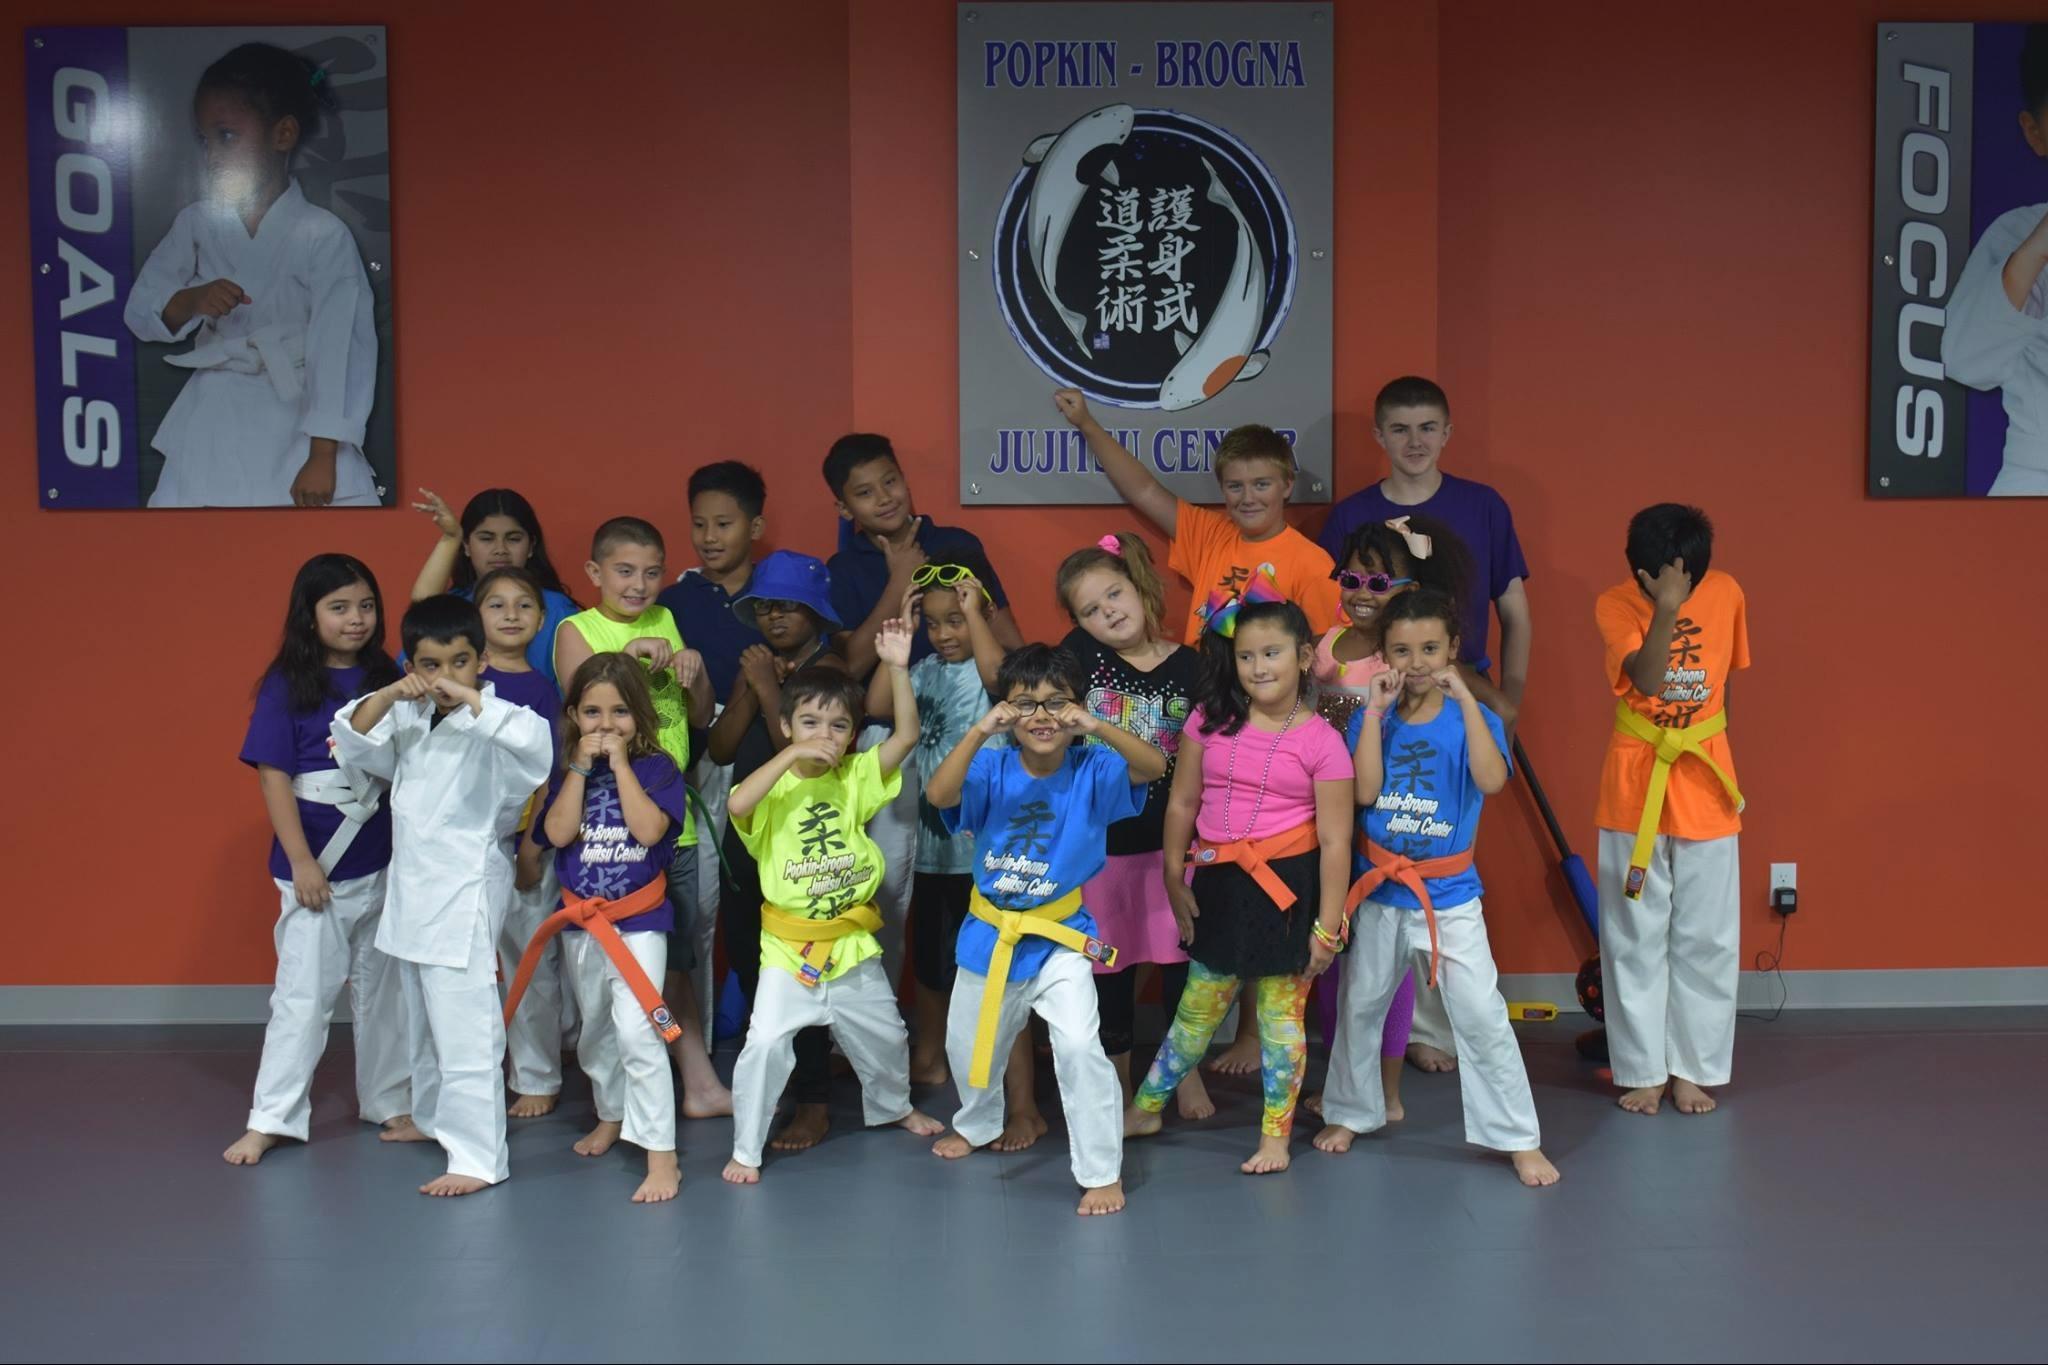 Popkin-Brogna Jujitsu Center image 0